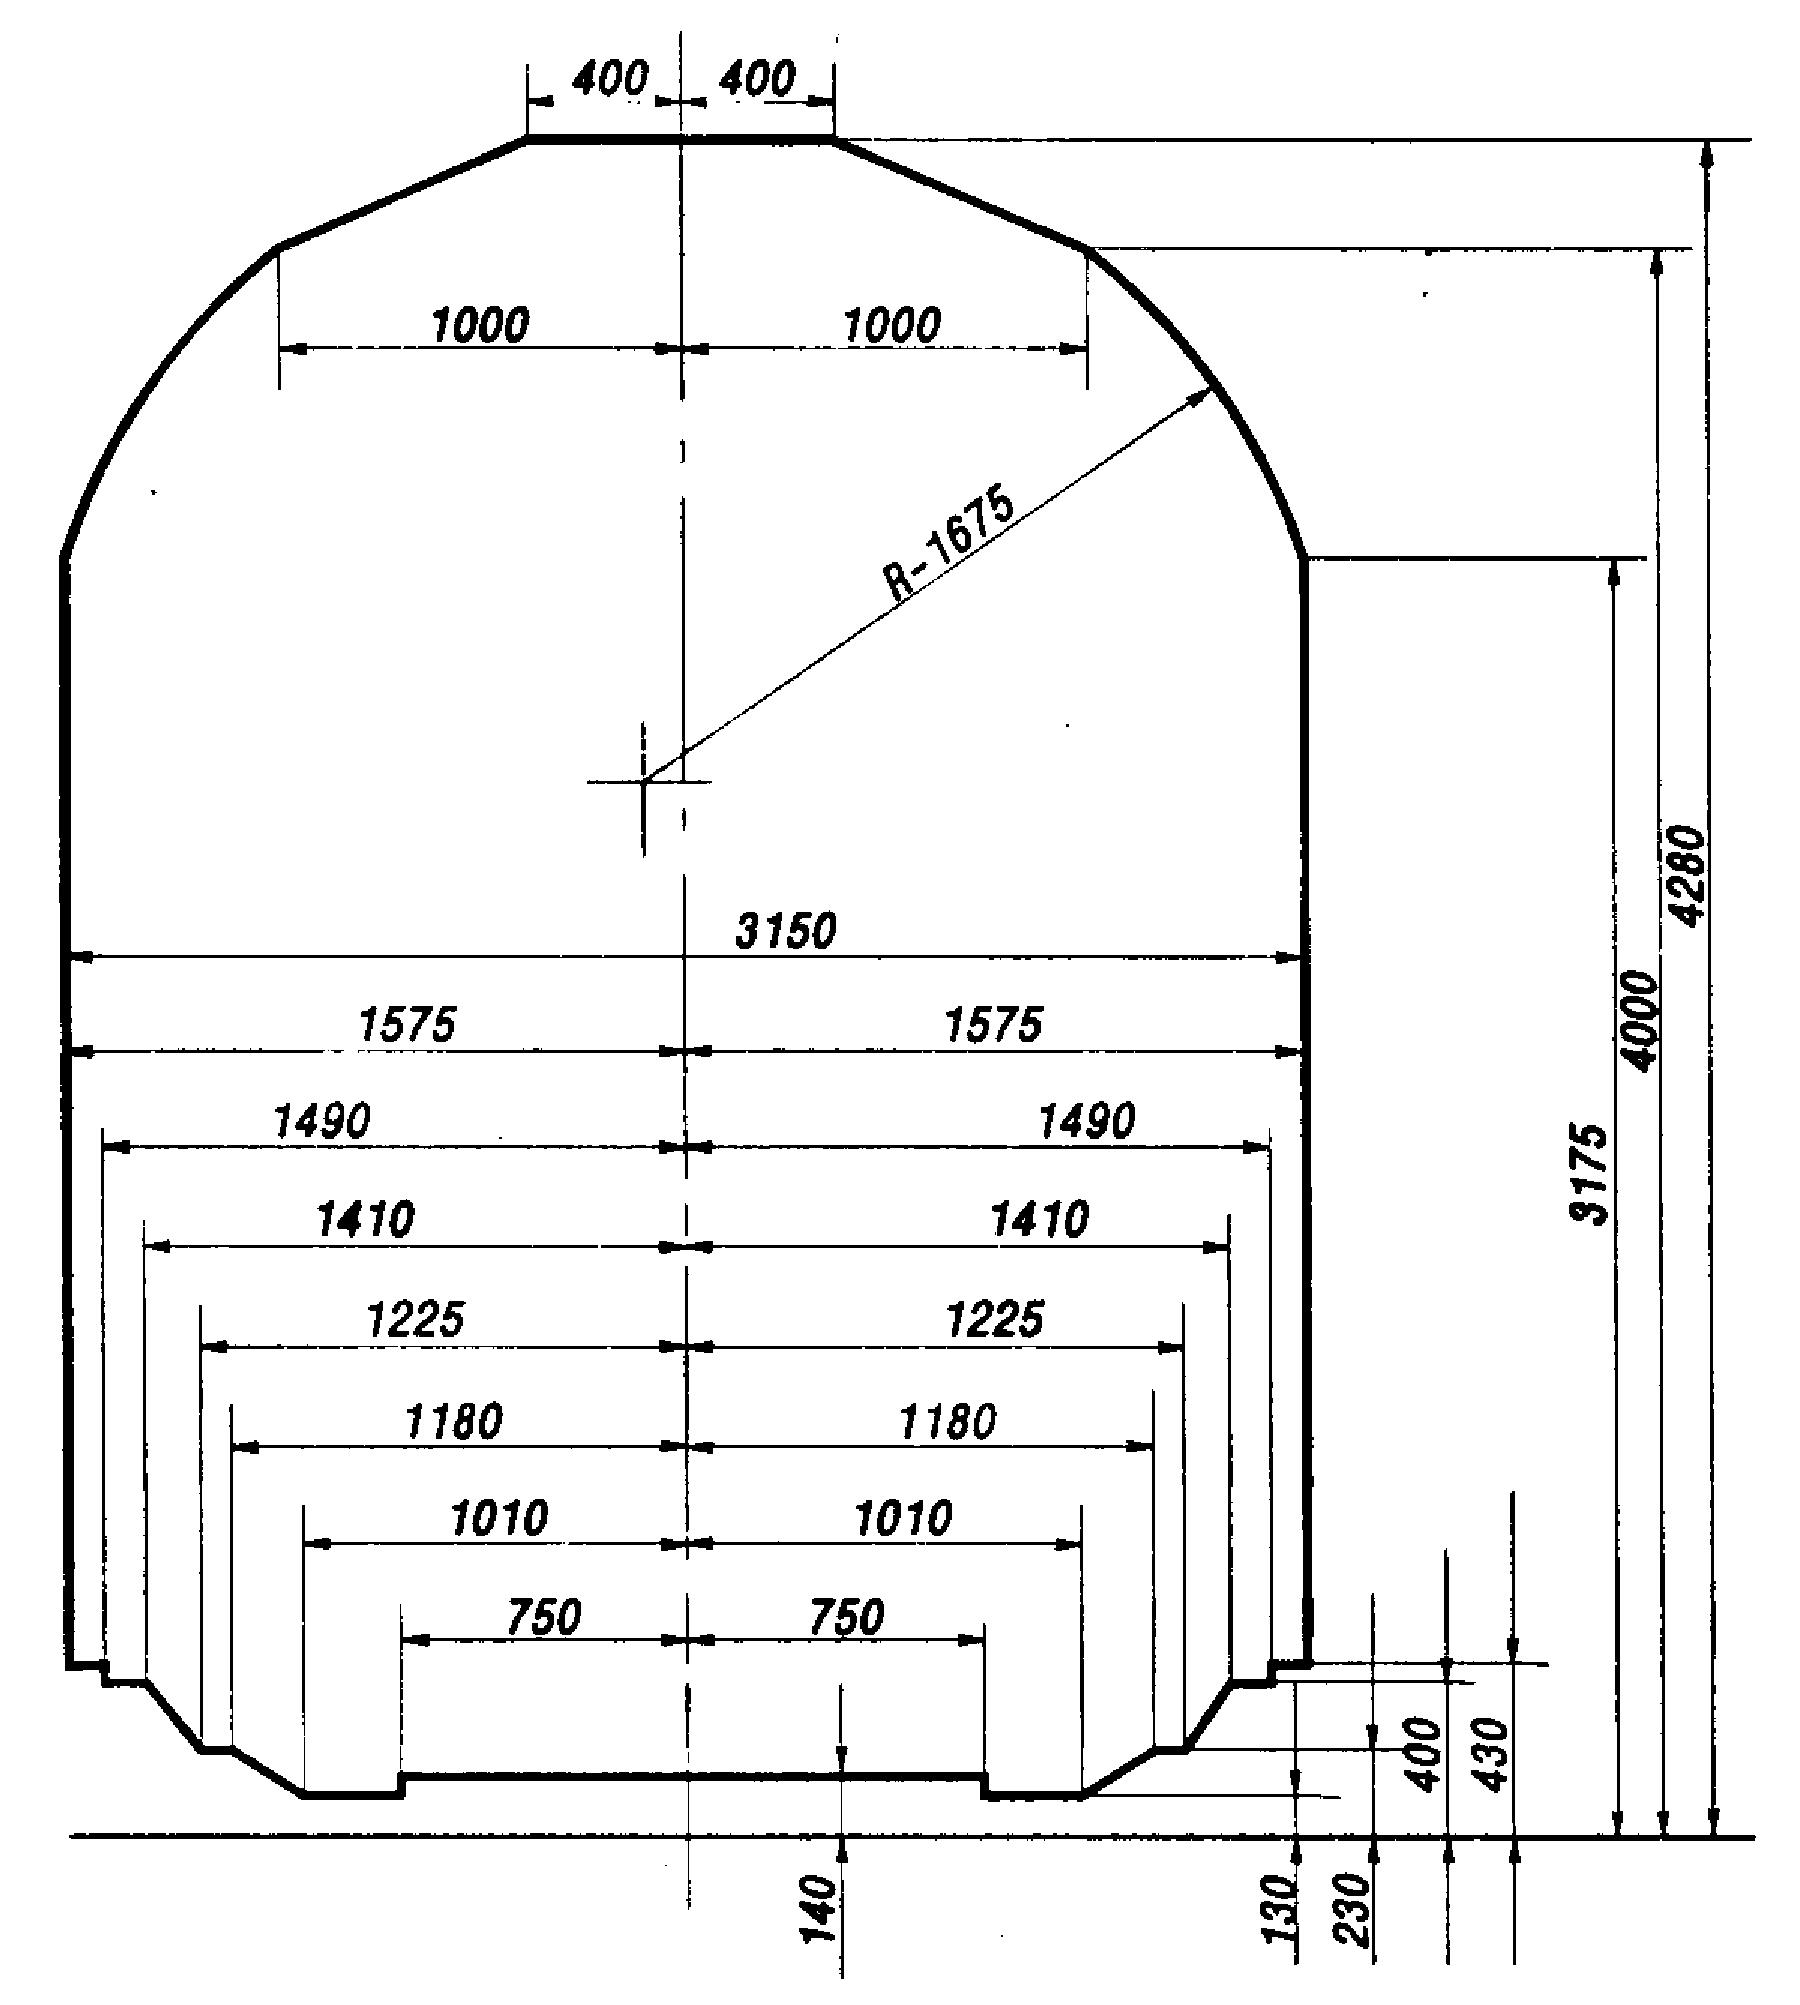 габарит подвижного состава в соответствии с памяткой Р-500-4, приложение 6